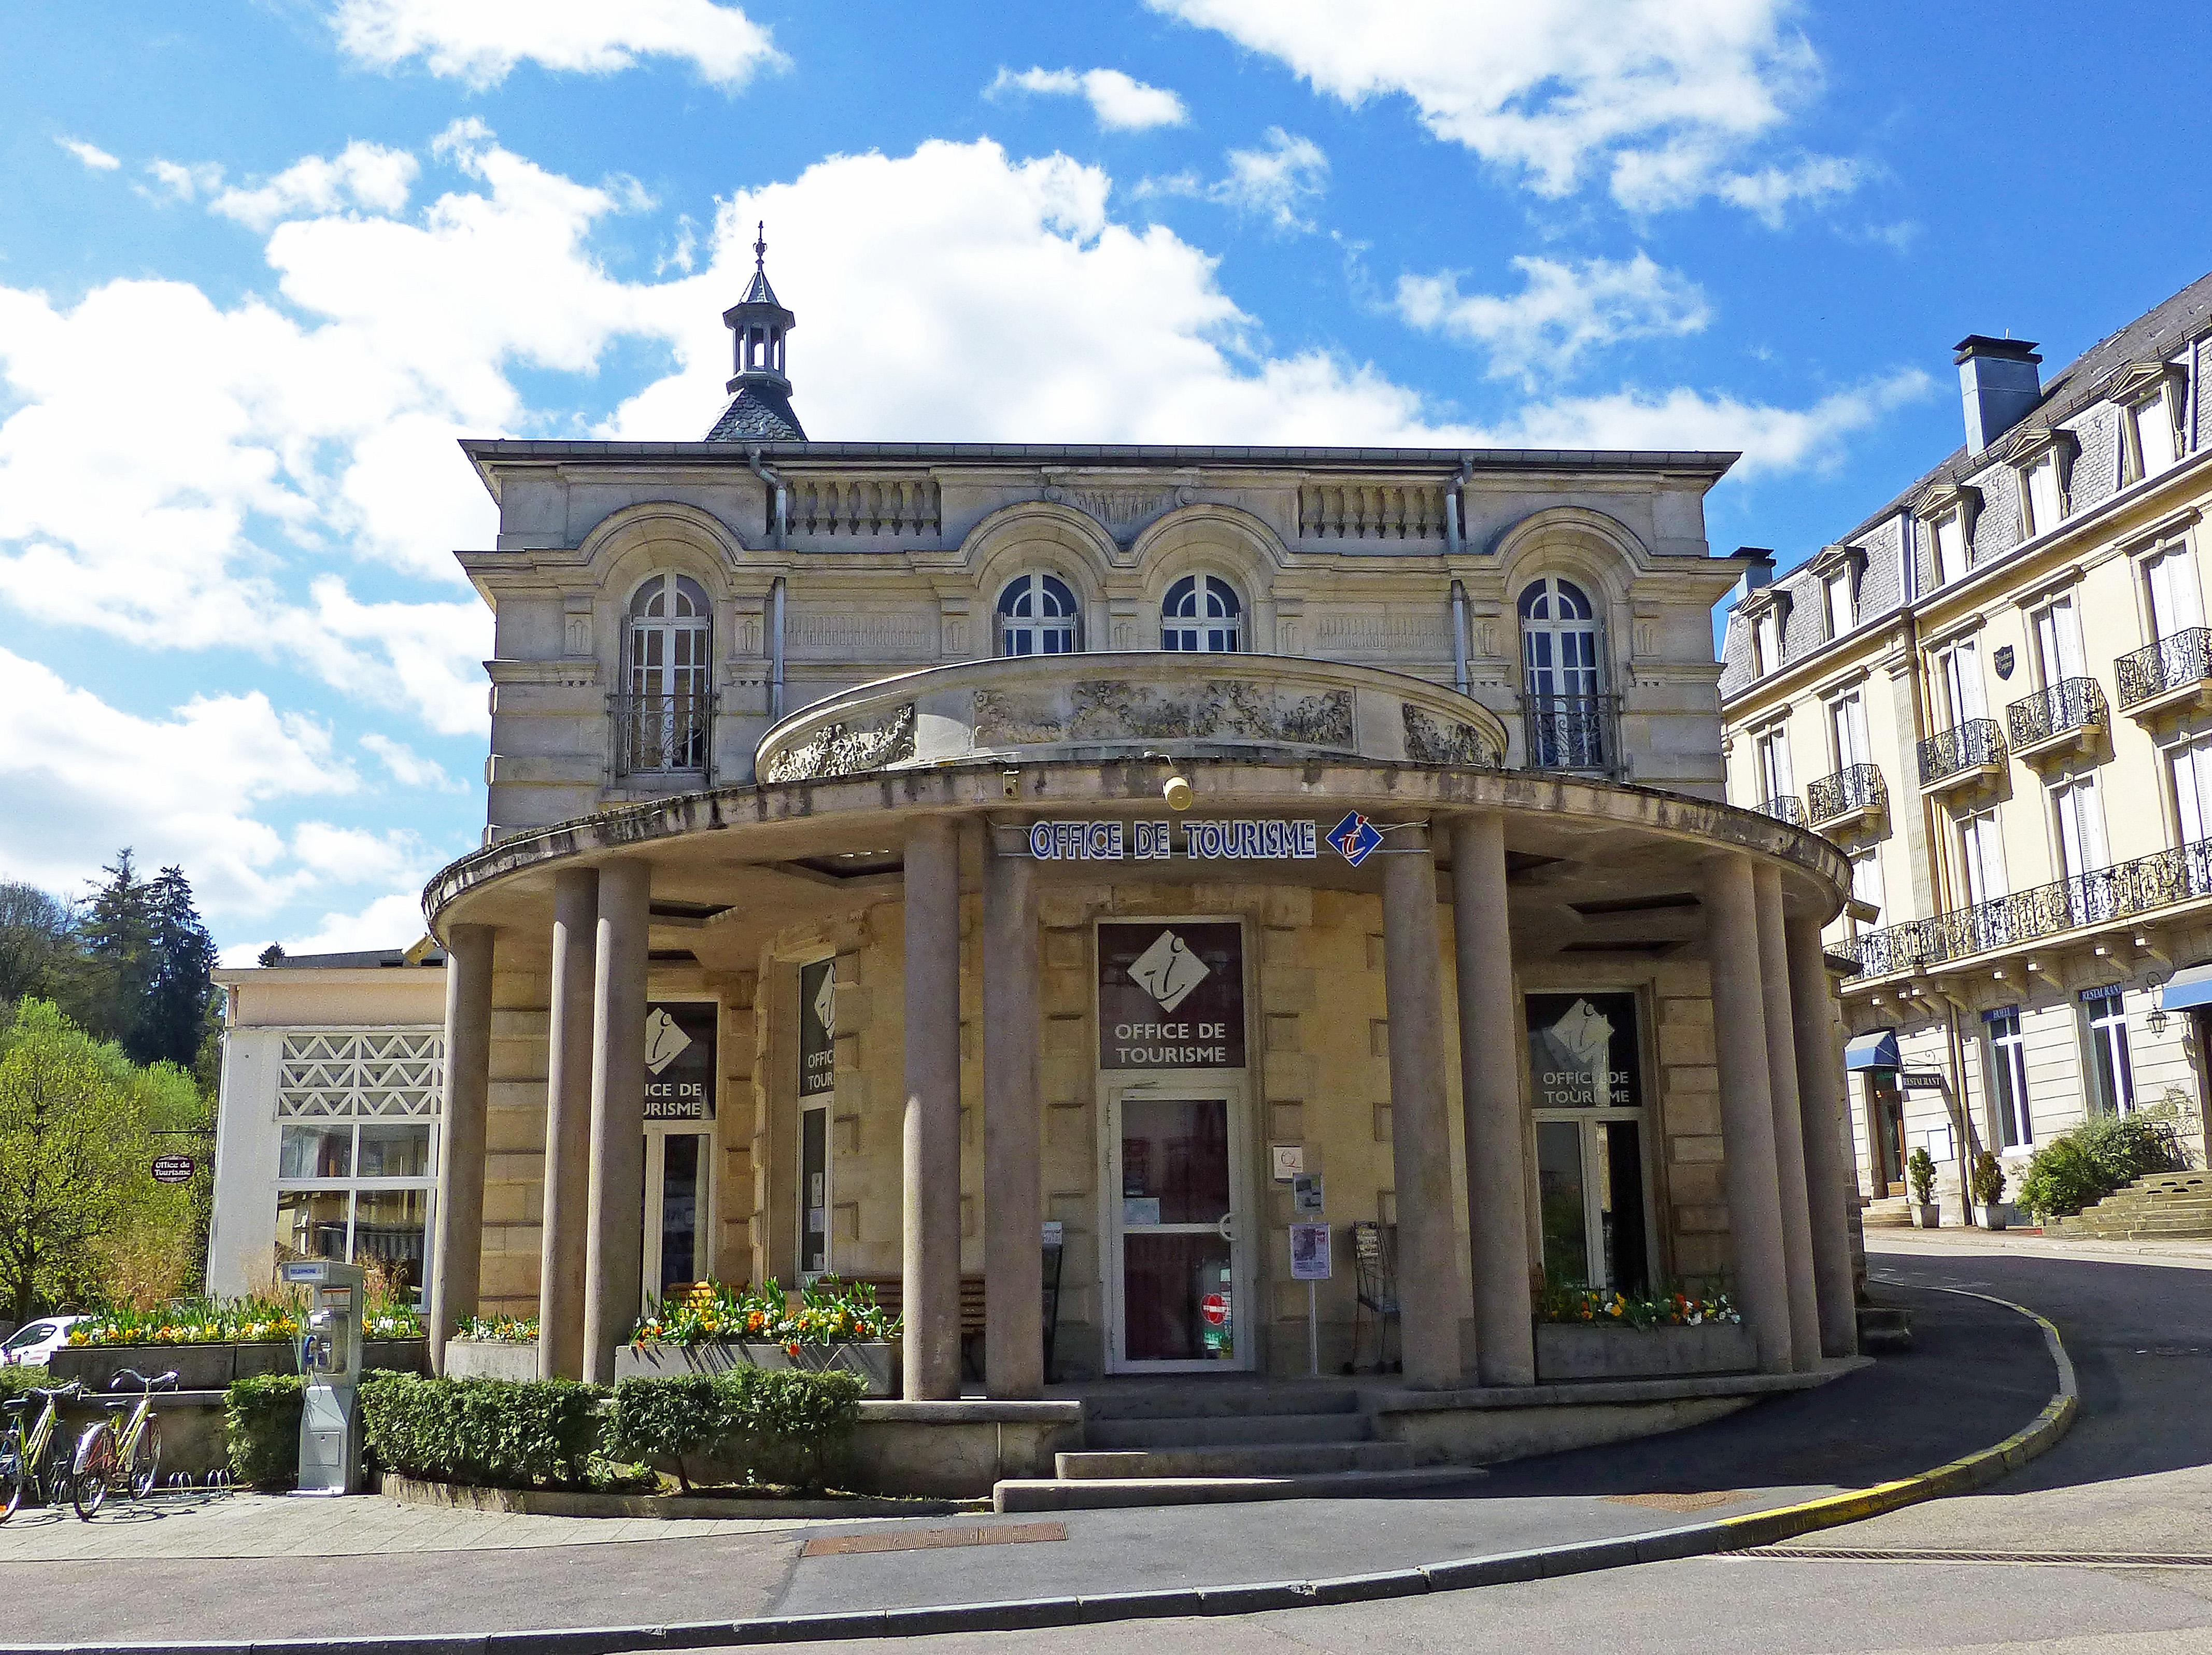 Fichier plombi res les bains office de tourisme 2 jpg - Office de tourisme luxeuil les bains ...